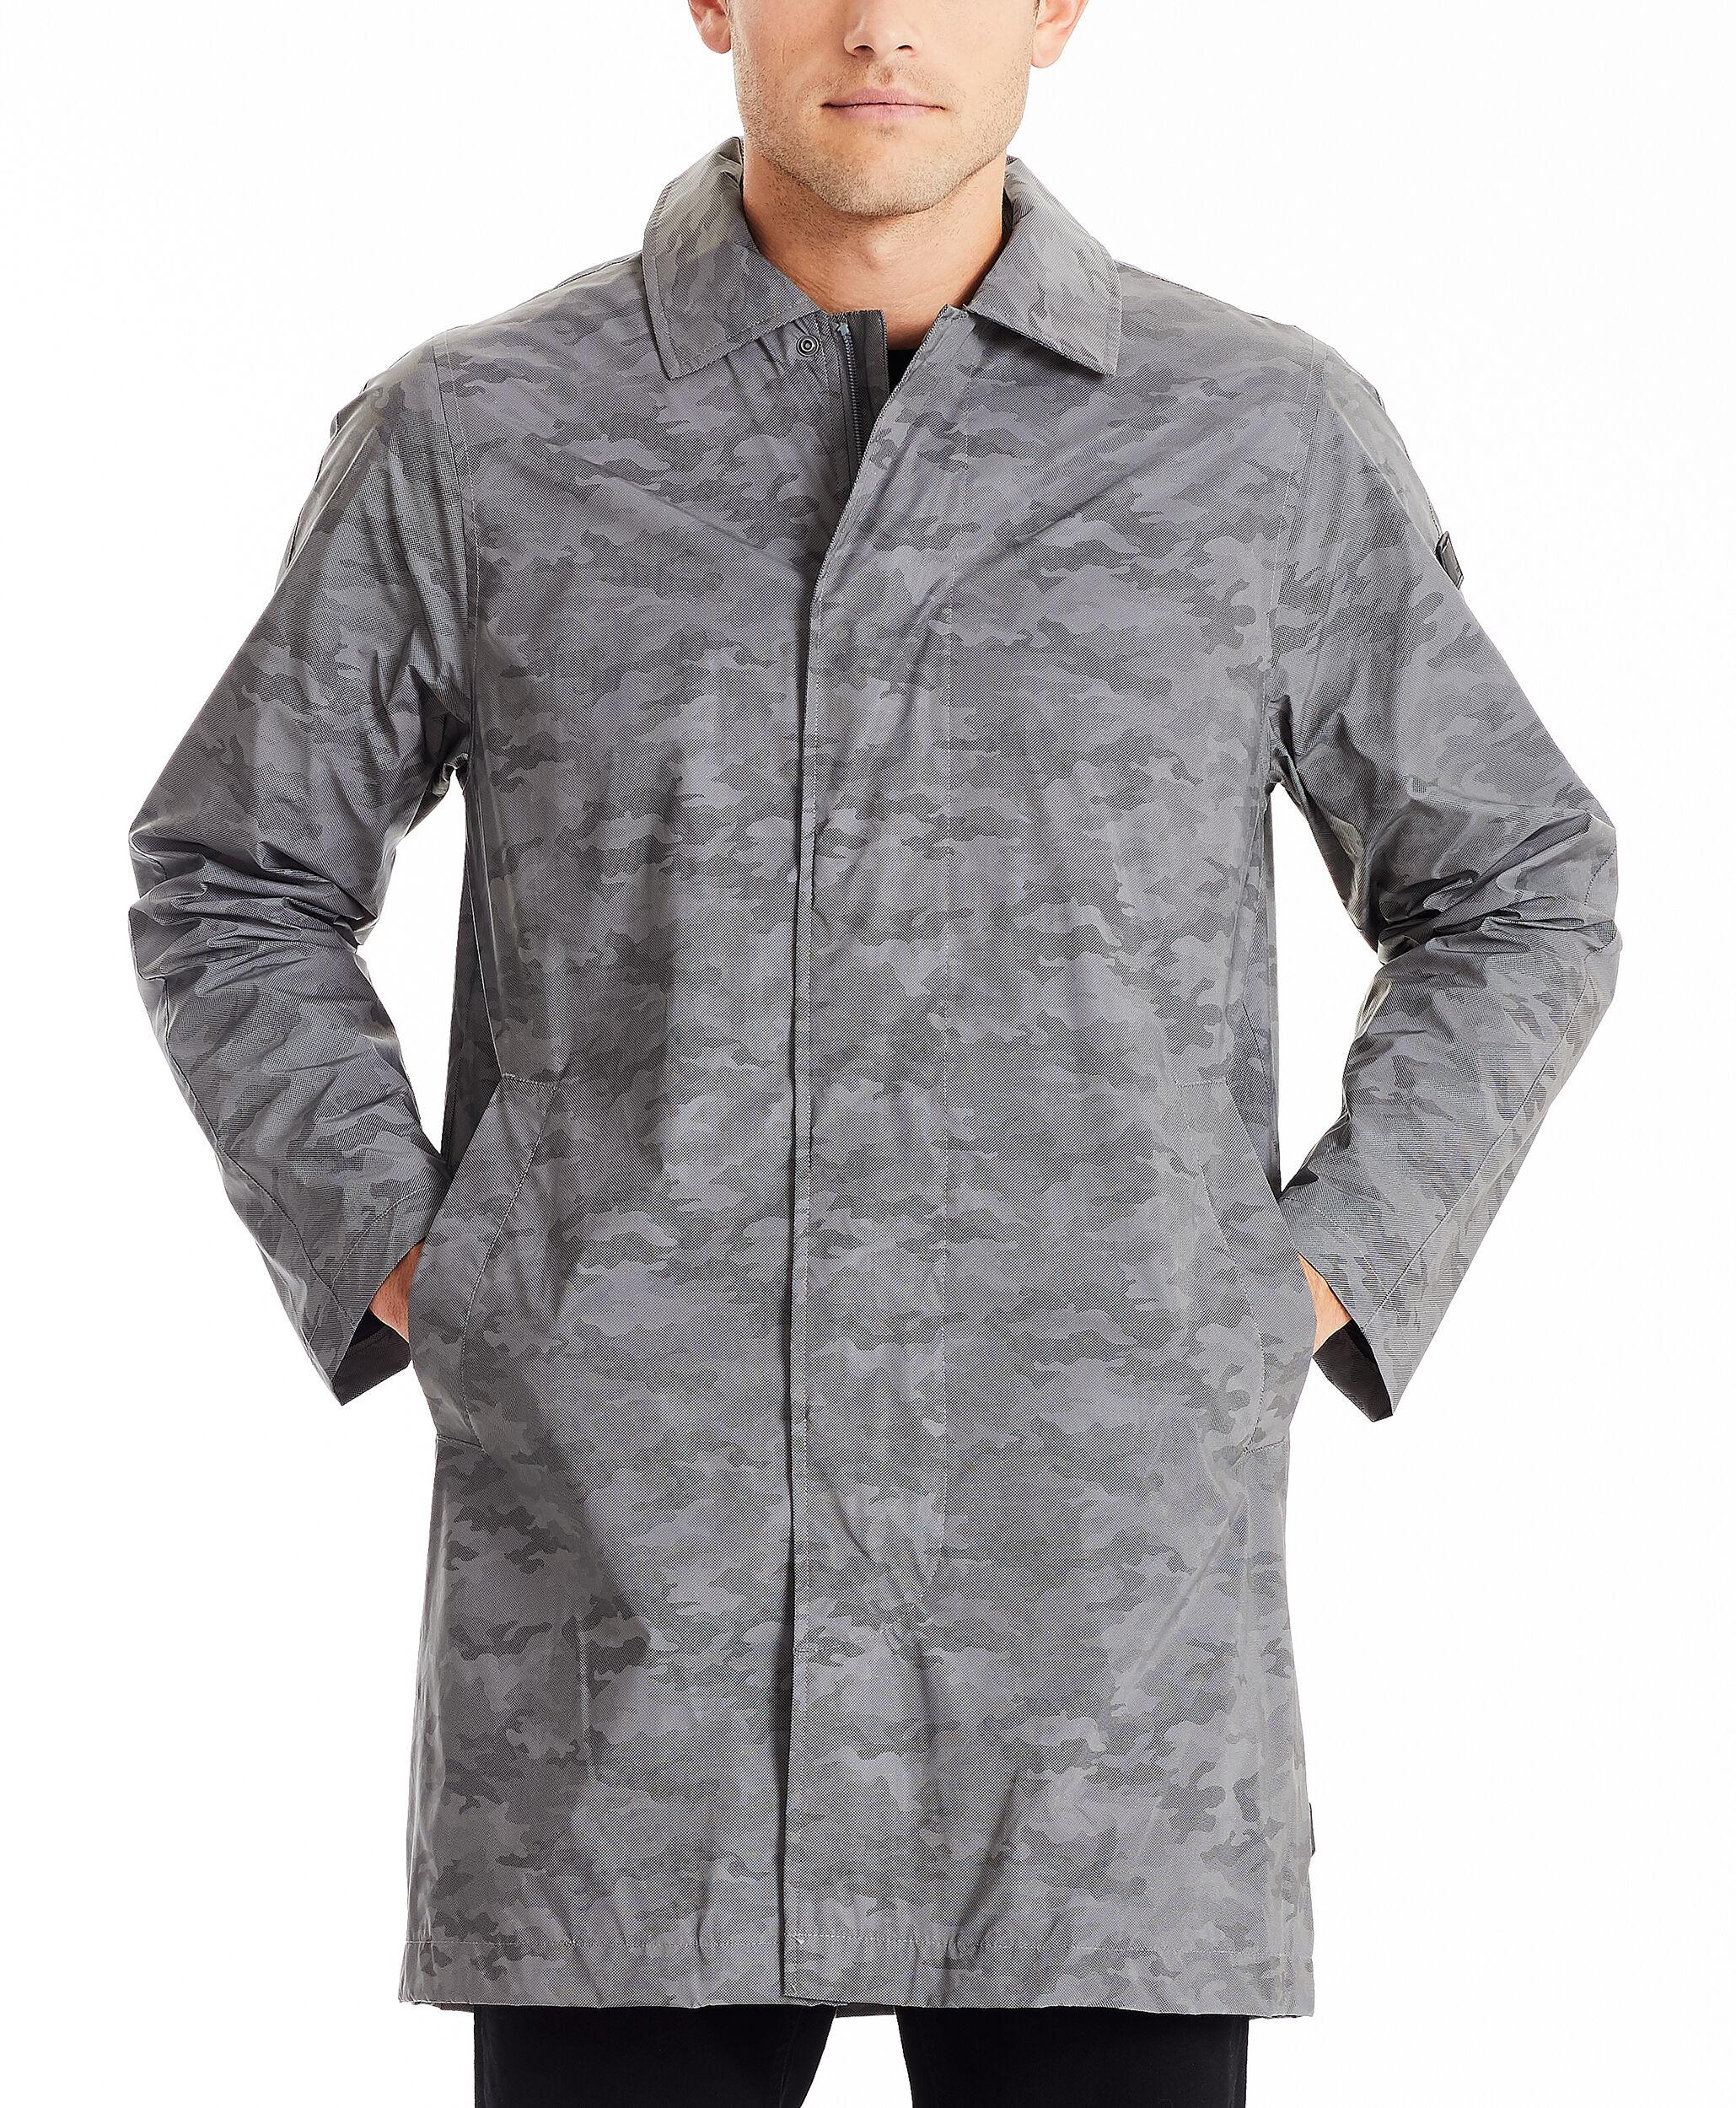 Reflektierende Outerwear Regenjacke Für Tumipax Herren 453qARjL